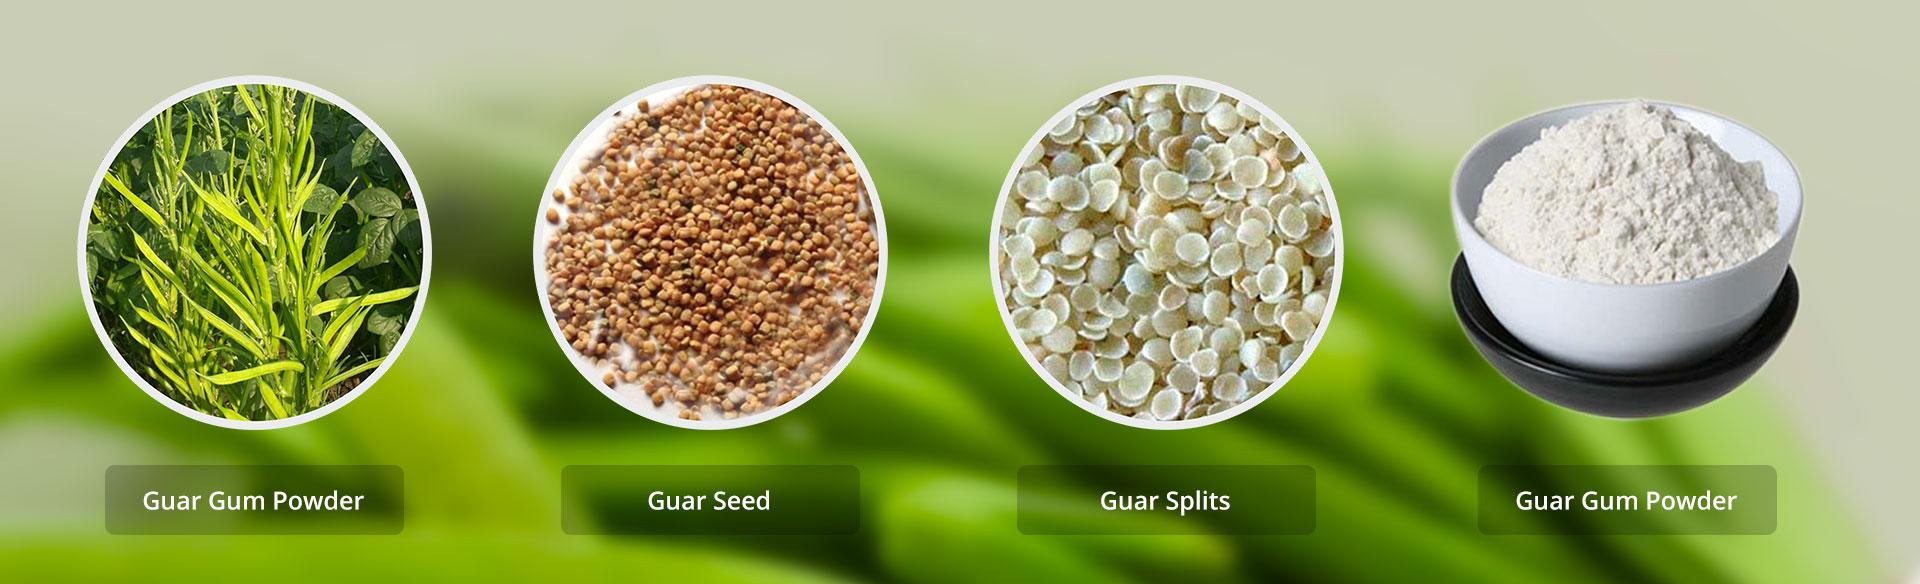 پودر گوارگام را از کجا تهیه کنیم